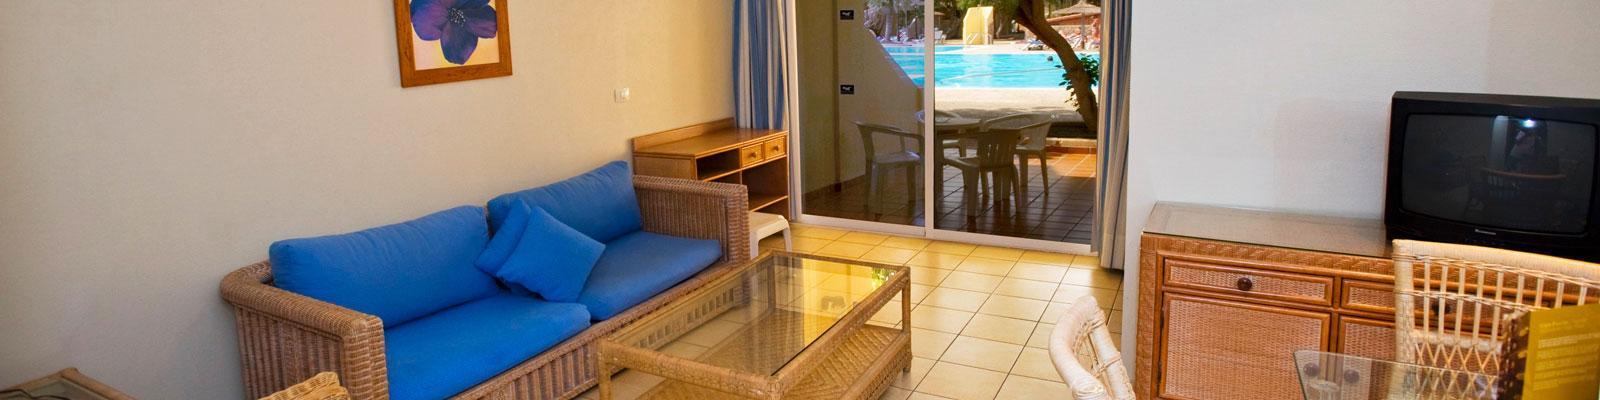 Pacchetto Volo Hotel Fuerteventura